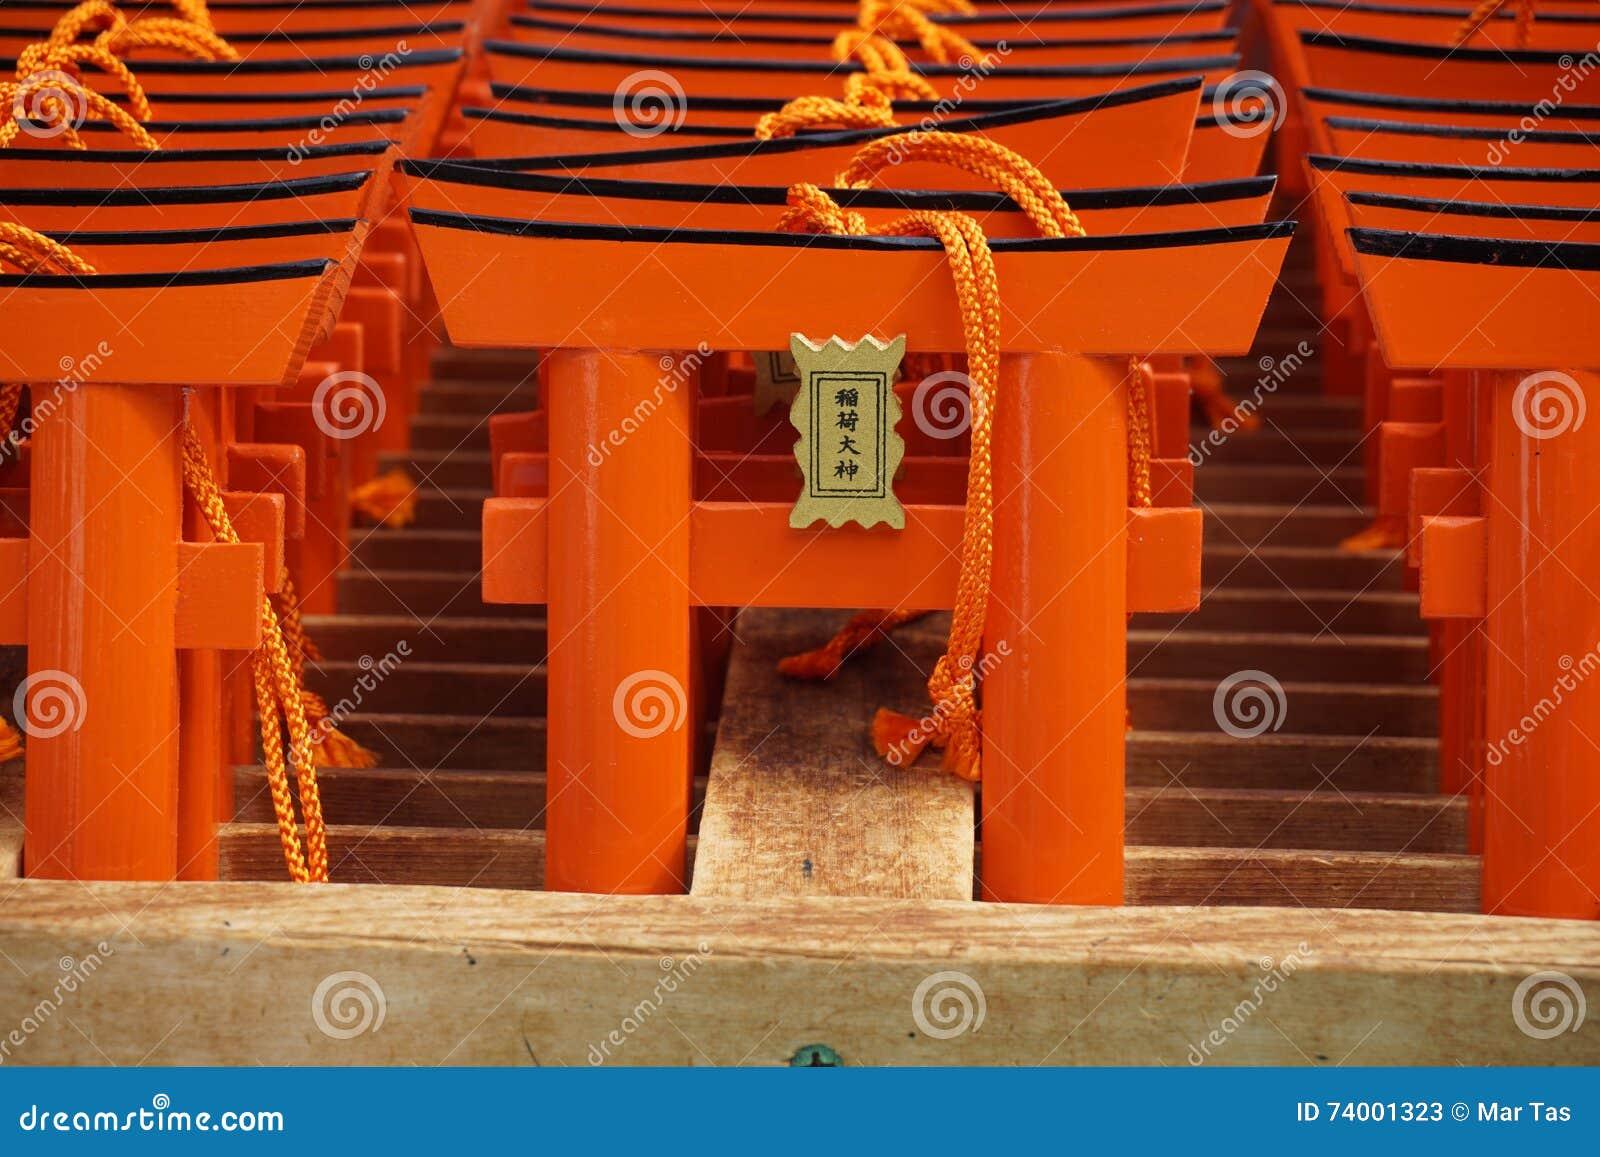 N mero de las puertas japonesas tradicionales anaranjadas for Puertas japonesas